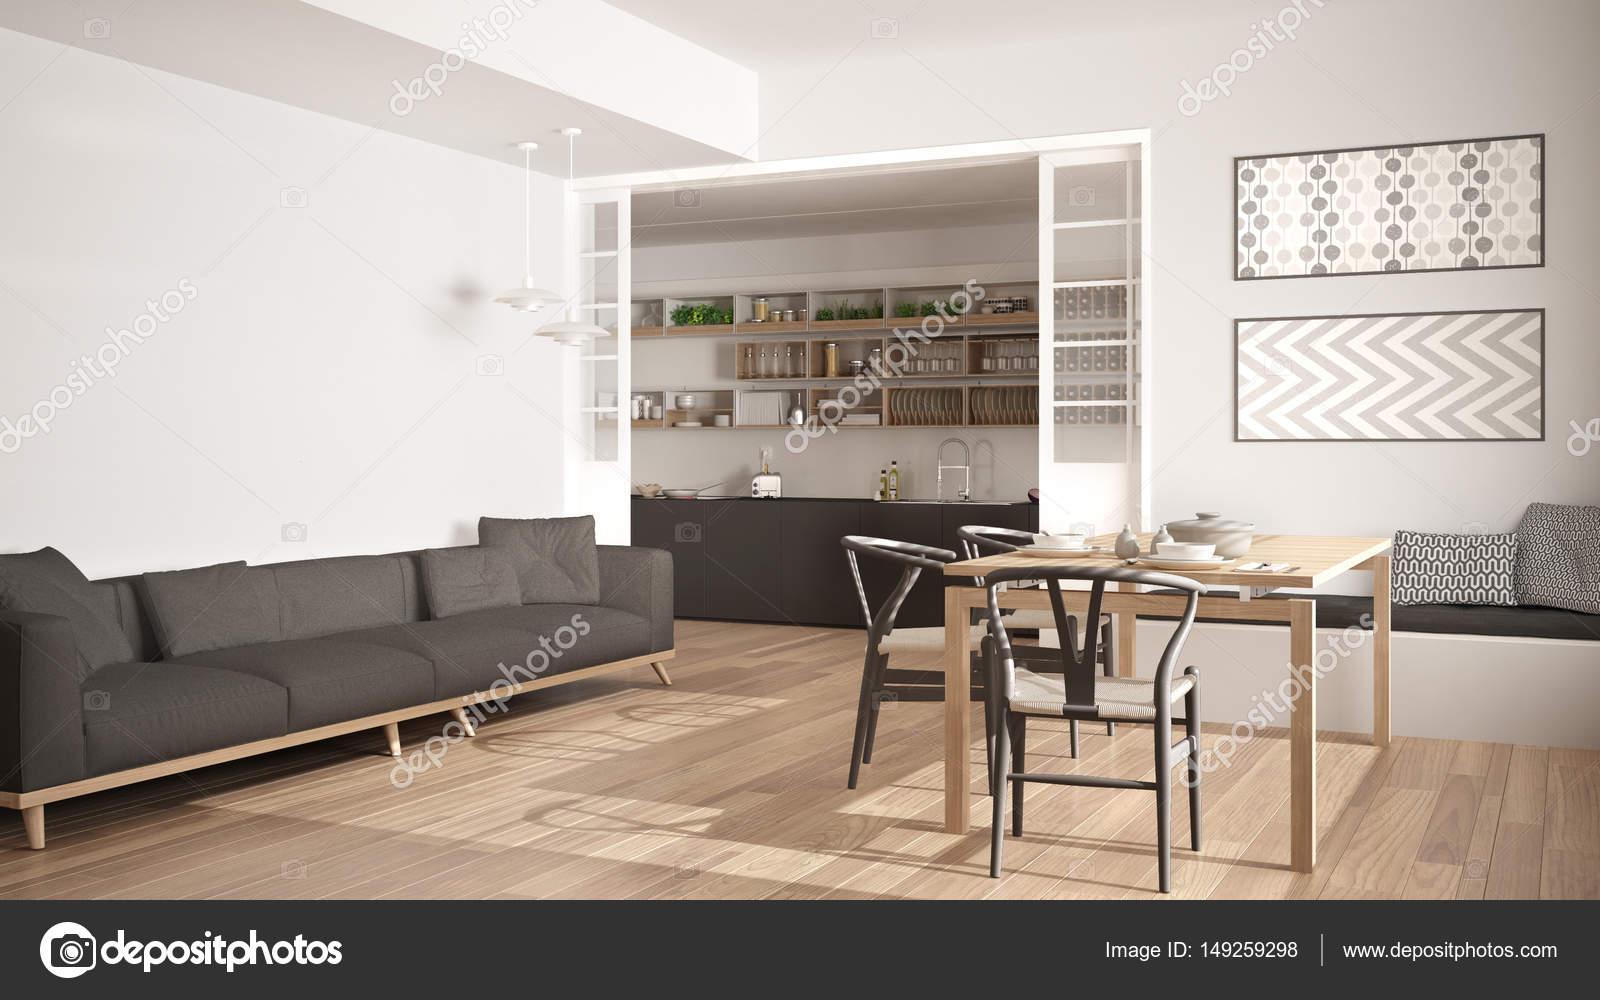 Minimalistische Keuken En Woonkamer Met Sofa Tafel En Stoelen Stockfoto Rechtenvrije Foto Door C Archiviz 149259298